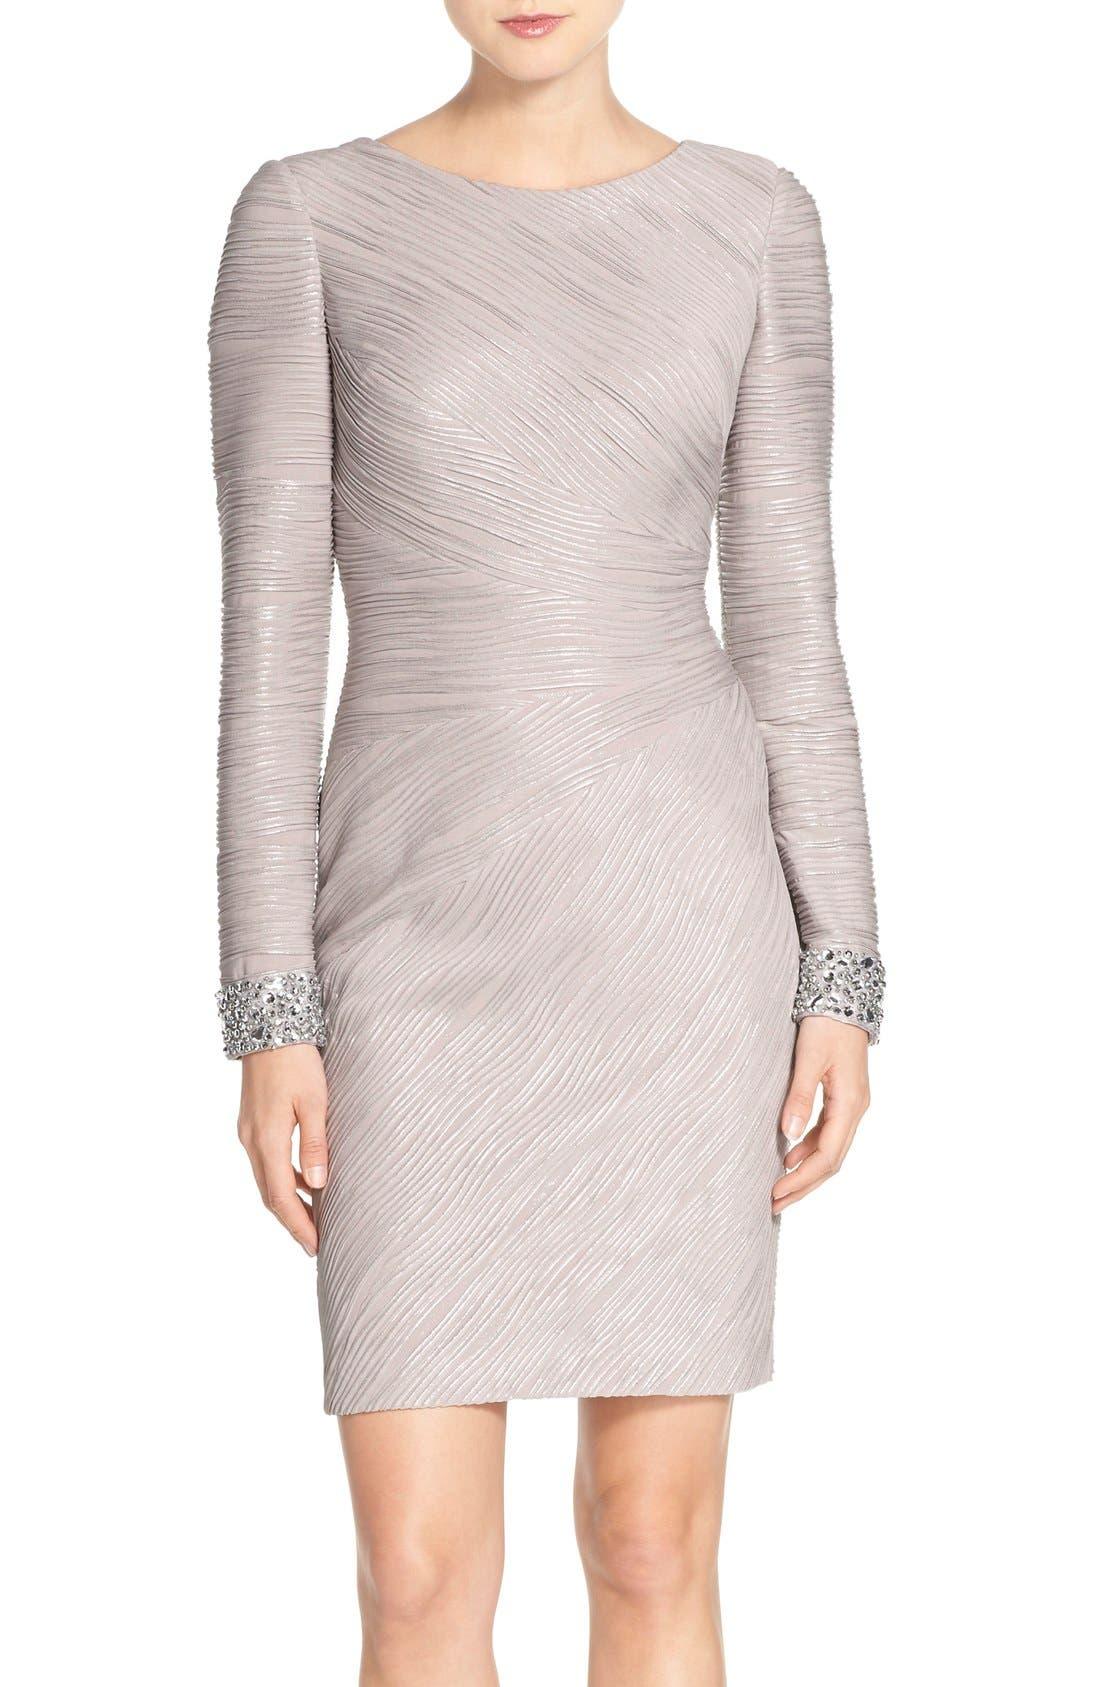 Main Image - Eliza J Embellished Sleeve Knit Sheath Dress (Regular & Petite)